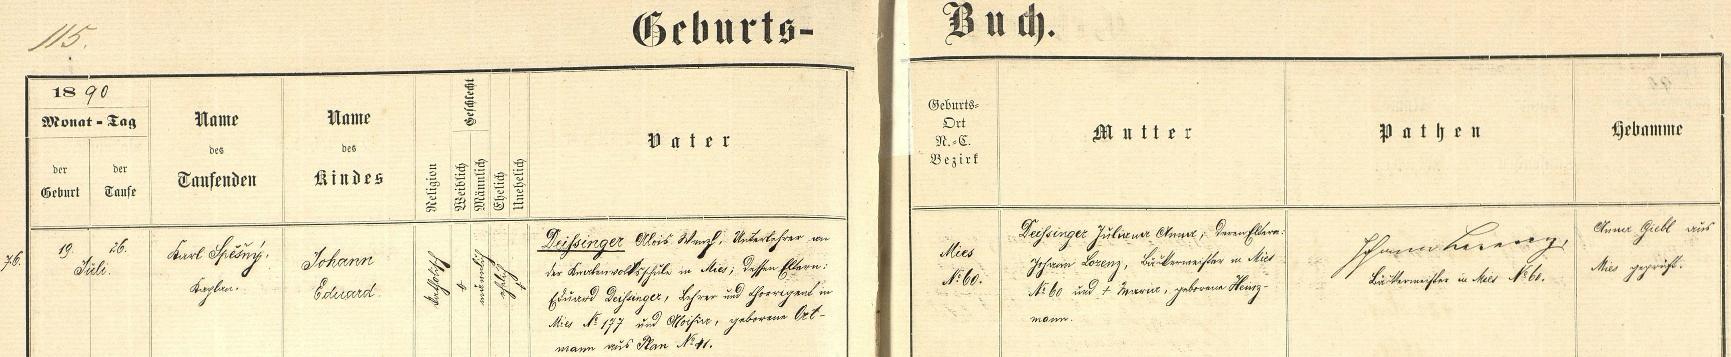 Záznam stříbrské křestní matriky o jeho zdejším narození dne 19. července roku 1890 a křtu sedm dnů nato kaplanem Karlem Spěšným v kostele Všech svatých na jméno Johann Eduard Deissinger - otec dítěte Alois Deissínger byl tehdy ve Stříbře podučitelem na zdejší chlapecké obecné škole a jeho rodiči byli Eduard Deissinger, učitel aregenschori ve Stříbře čp. 177, s manželkou Aloisií, roz. Ortmannovou původem z Plané (Plan) čp. 41, matka dítěte Juliana Anna Deissingerová byla pak dcerou Johanna Lorenze, mistra pekařského ve Stříbře čp. 60 (v tom domě matčiných rodičů se chlapec narodil) Johanna Lorenze, podepsaného v záznamu jako novorozencův kmotr, a jeho ženy Marie, roz. Heinzmannové